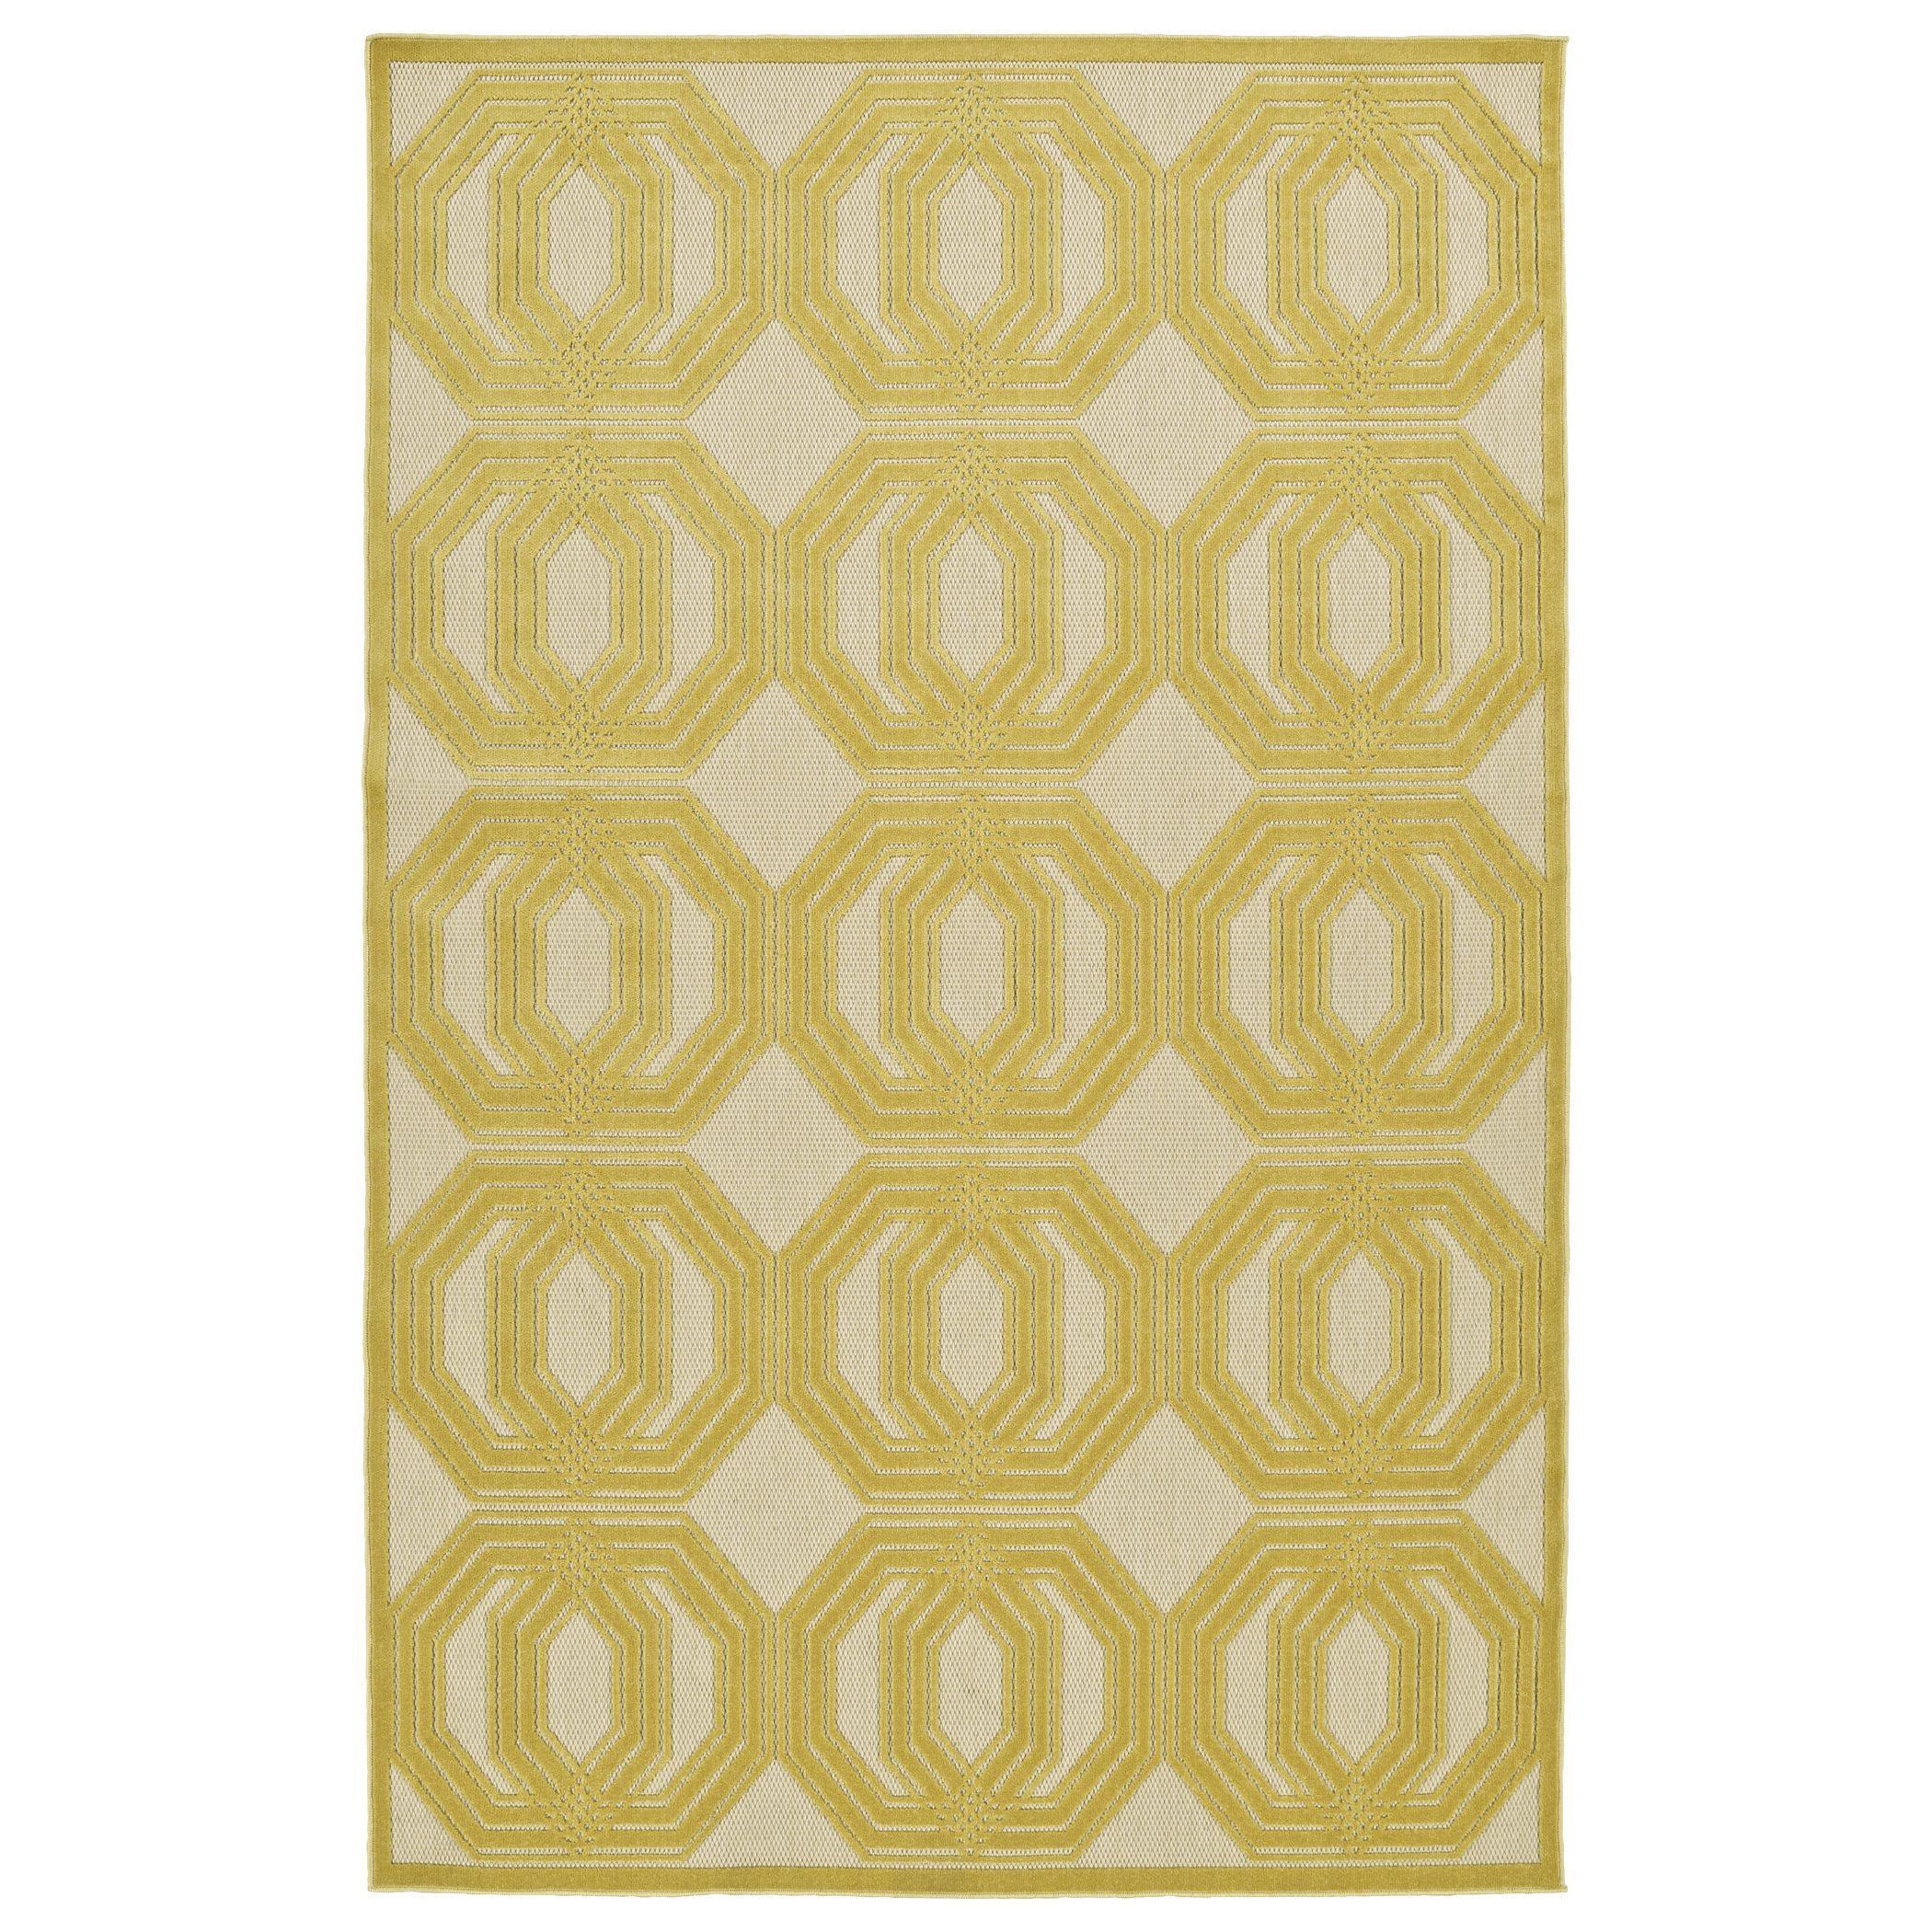 Kaleen Rugs Indoor/Outdoor Luka Gold Geo Rug (2'1 x 4'0) (2'1 x 4'), Beige, Size 2' x 4' (Plastic, Border)